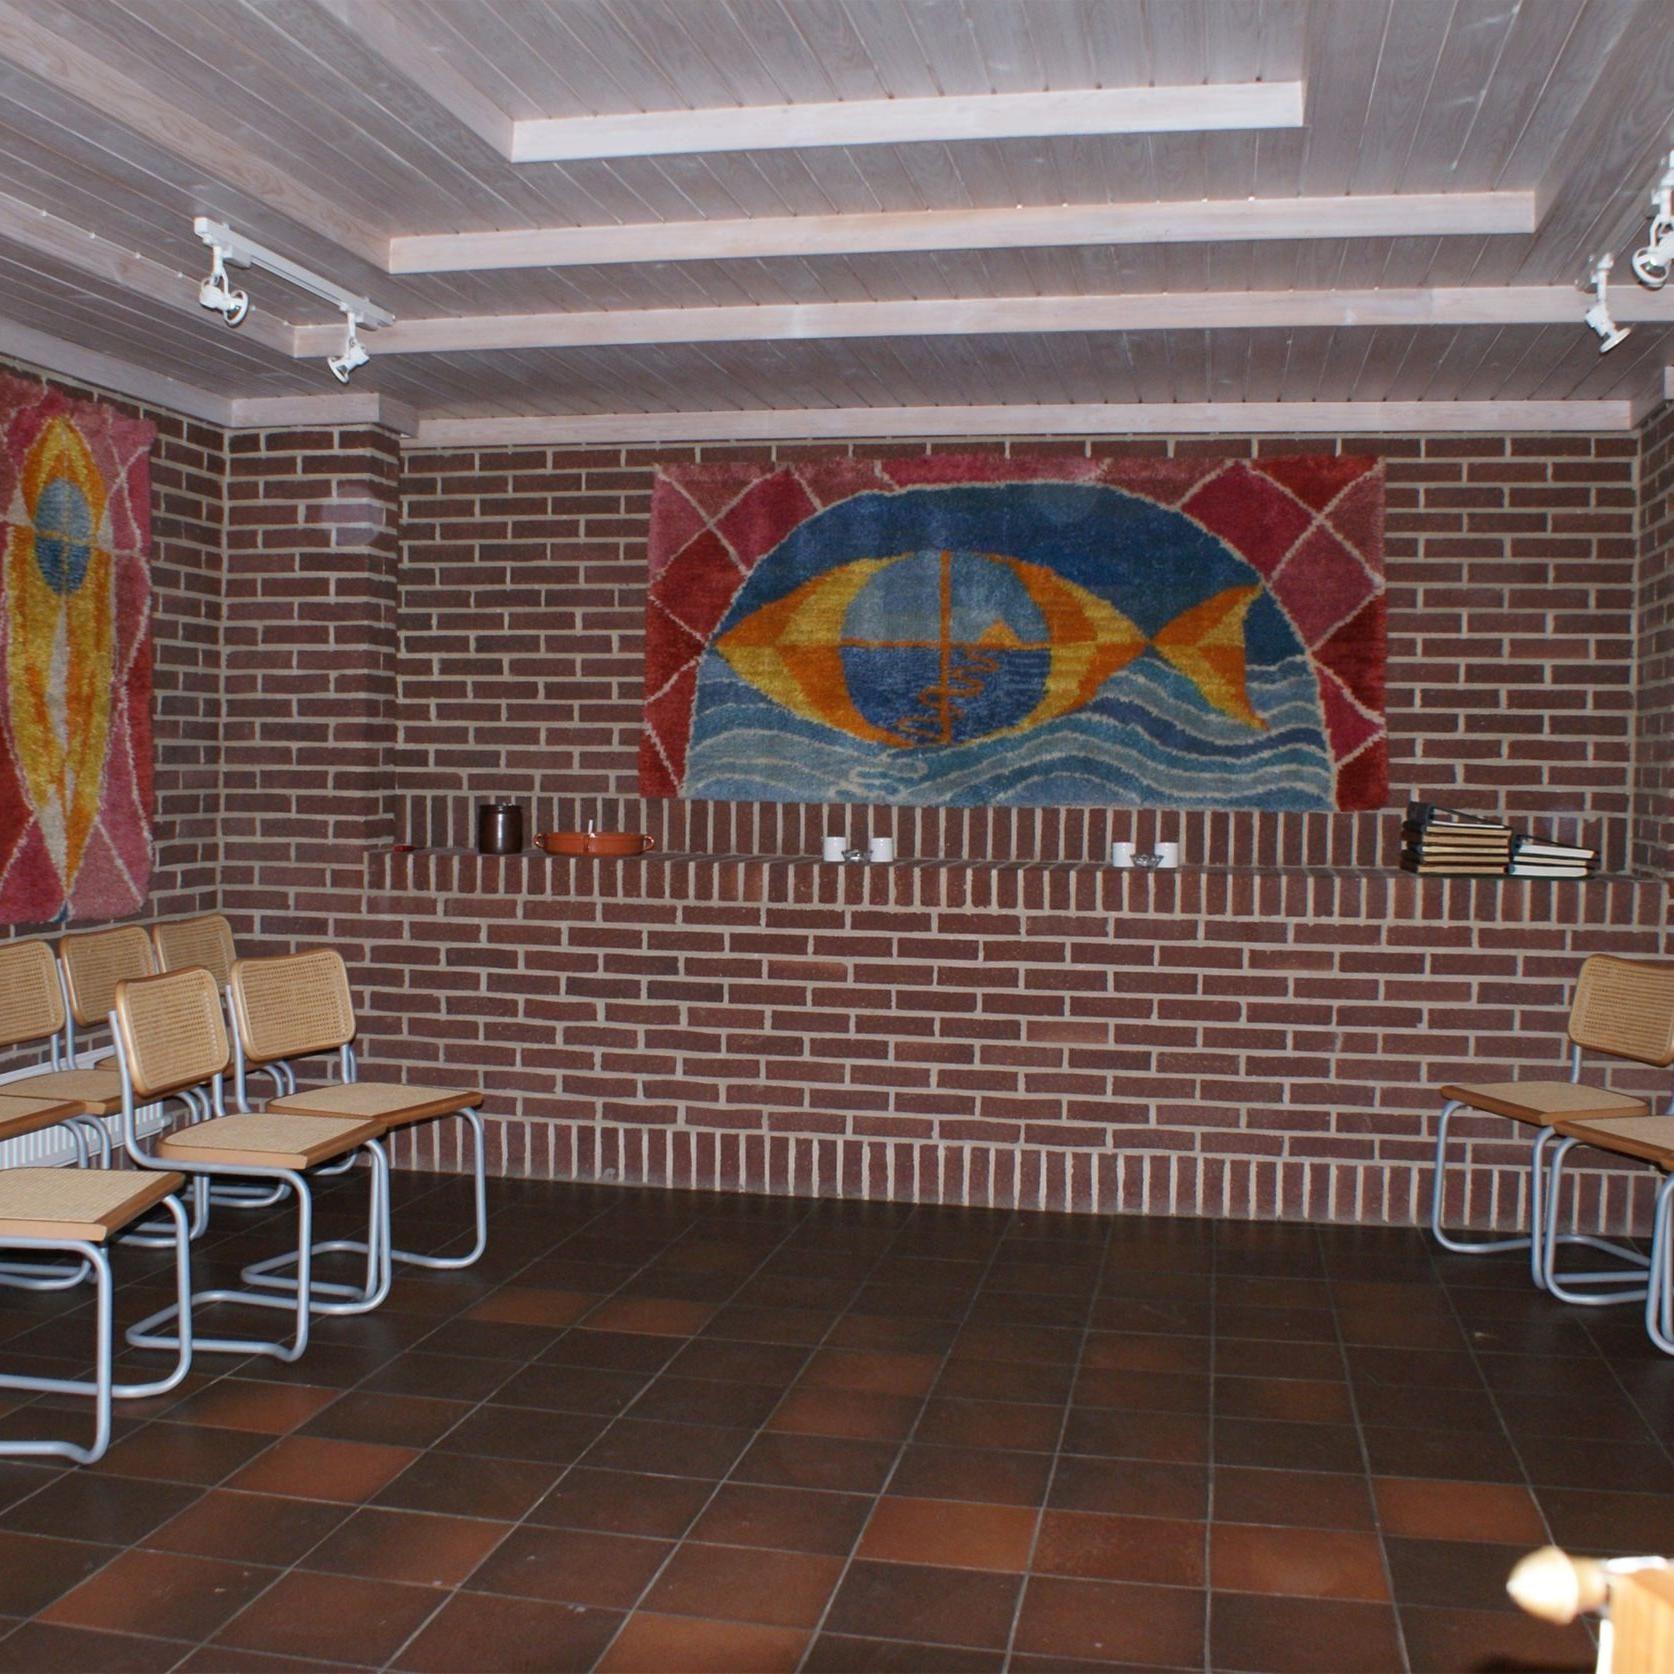 © Kävlinge församling, Inne i kapellet